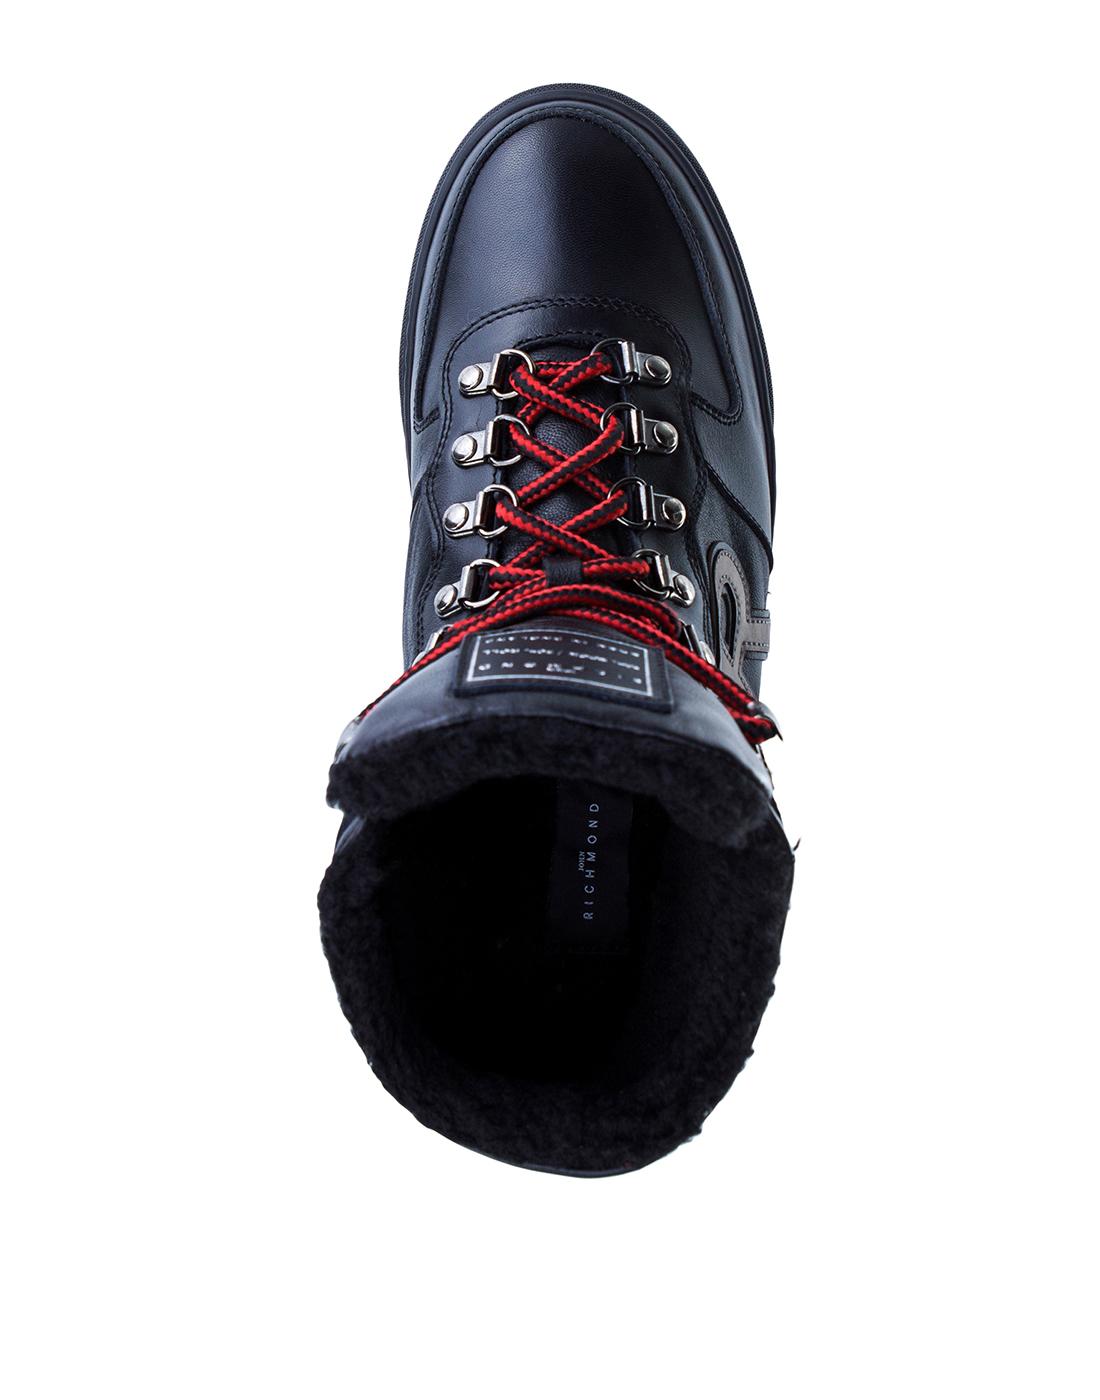 Кроссовки черные мужские John Richmond S8125 VAR A-5